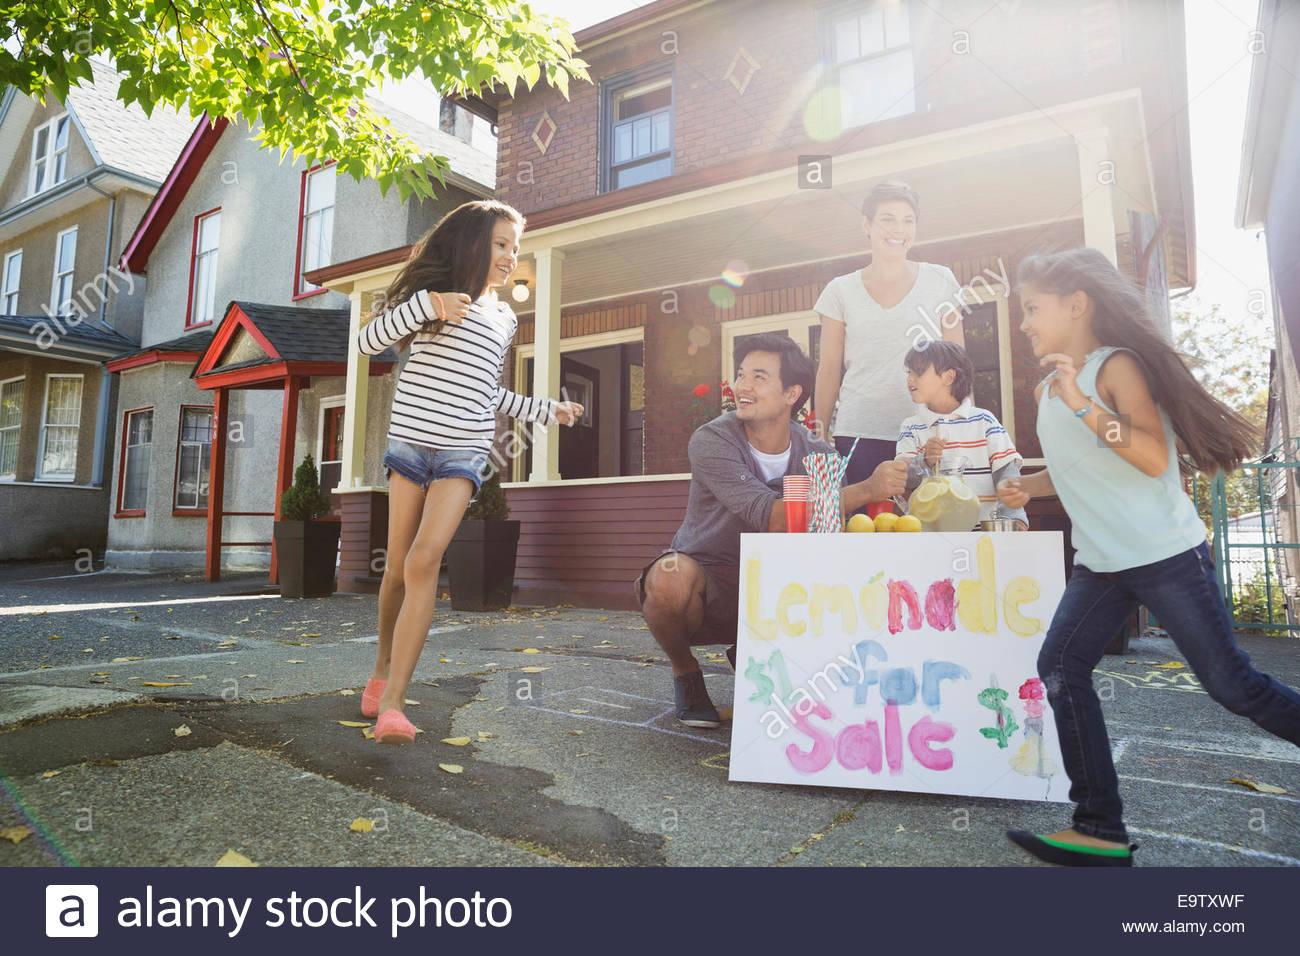 Familia en Lemonade Stand en la acera fuera de casa Imagen De Stock